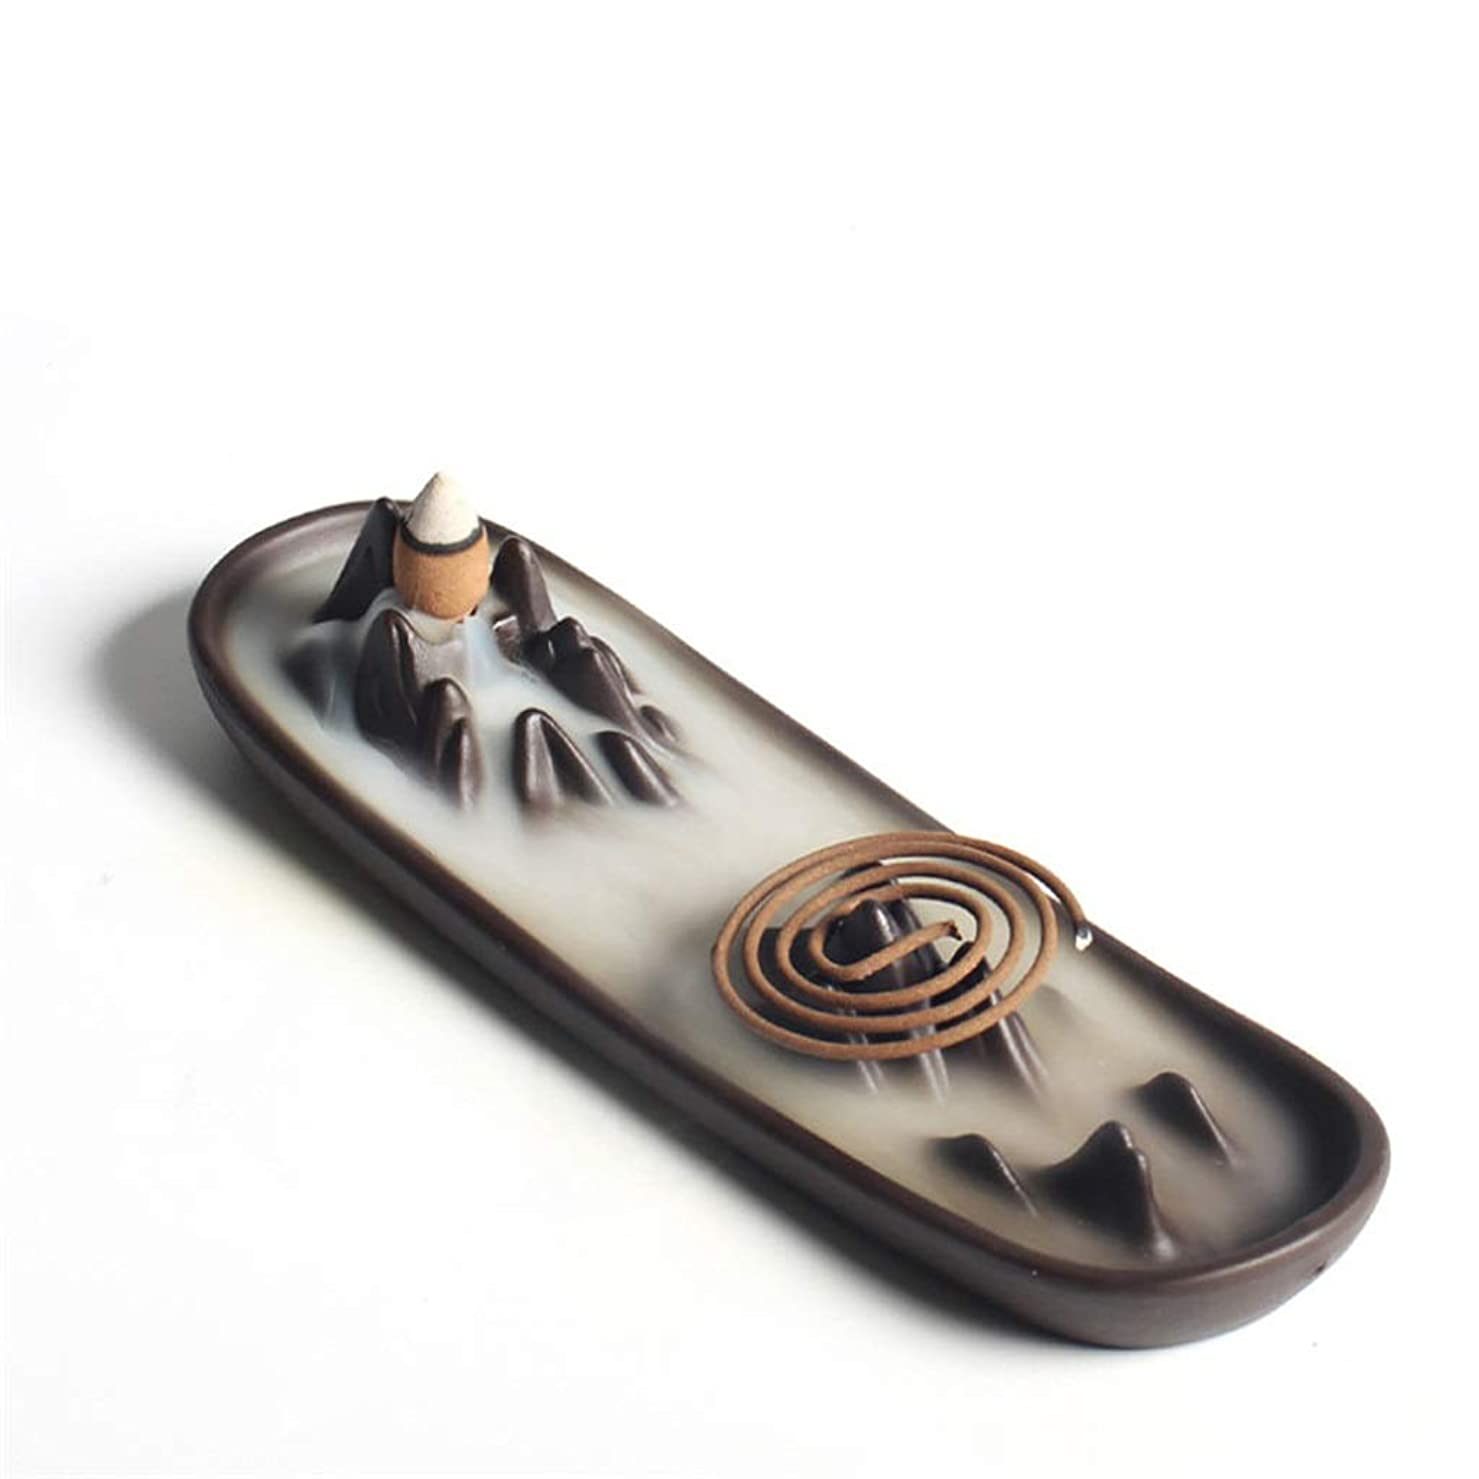 母性イブ不公平ホームアロマバーナー 逆流香バーナー家の装飾セラミックアロマセラピー仏教の滝香炉香コイルスティックホルダー 芳香器アロマバーナー (Color : A)